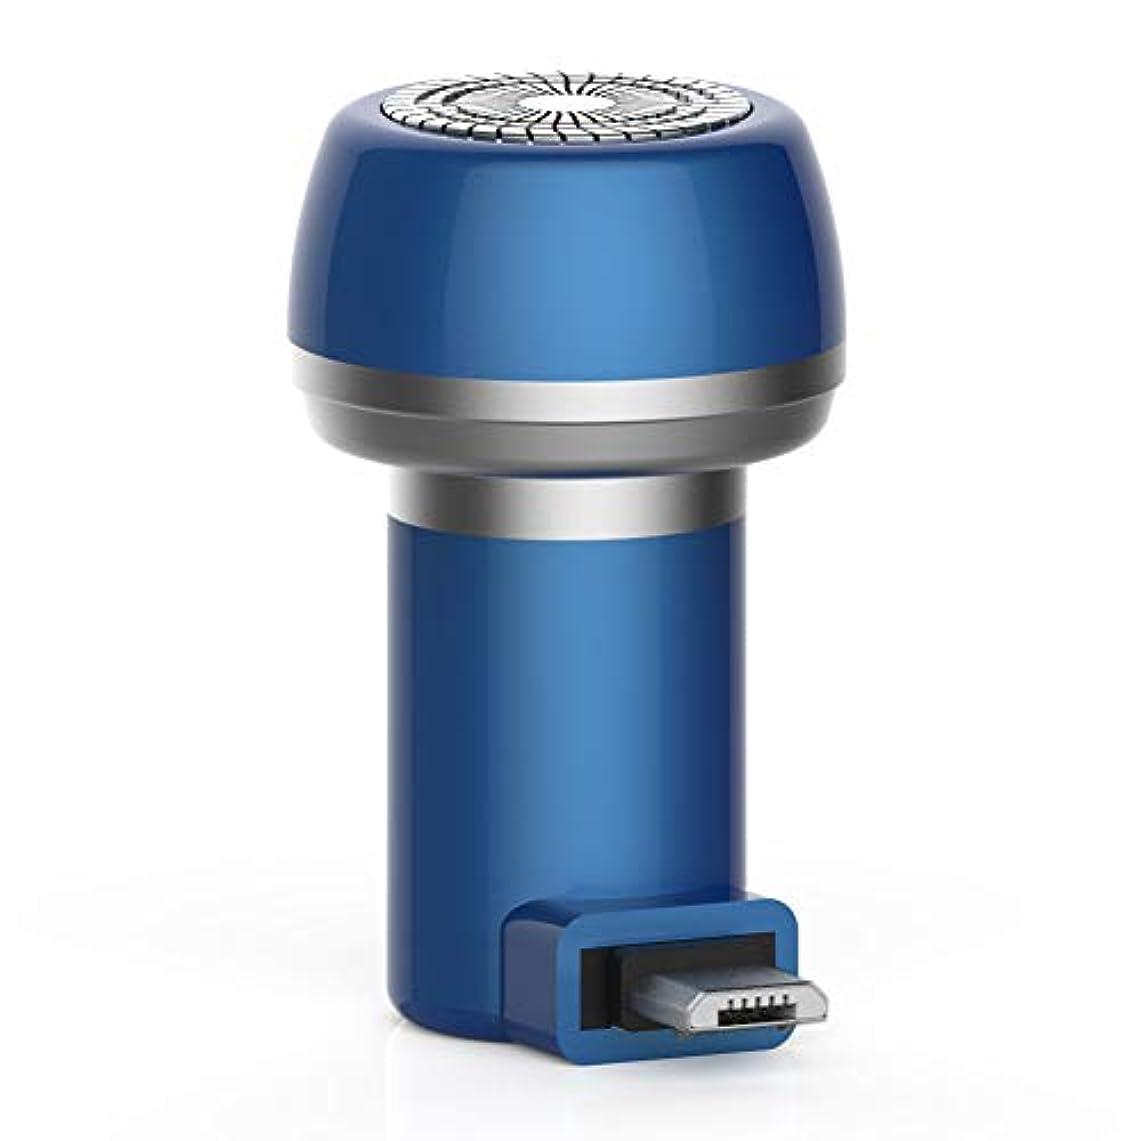 予備憤る嘆くBeaurtty 2 1磁気電気シェーバーミニポータブルType-C USB防水剃刀